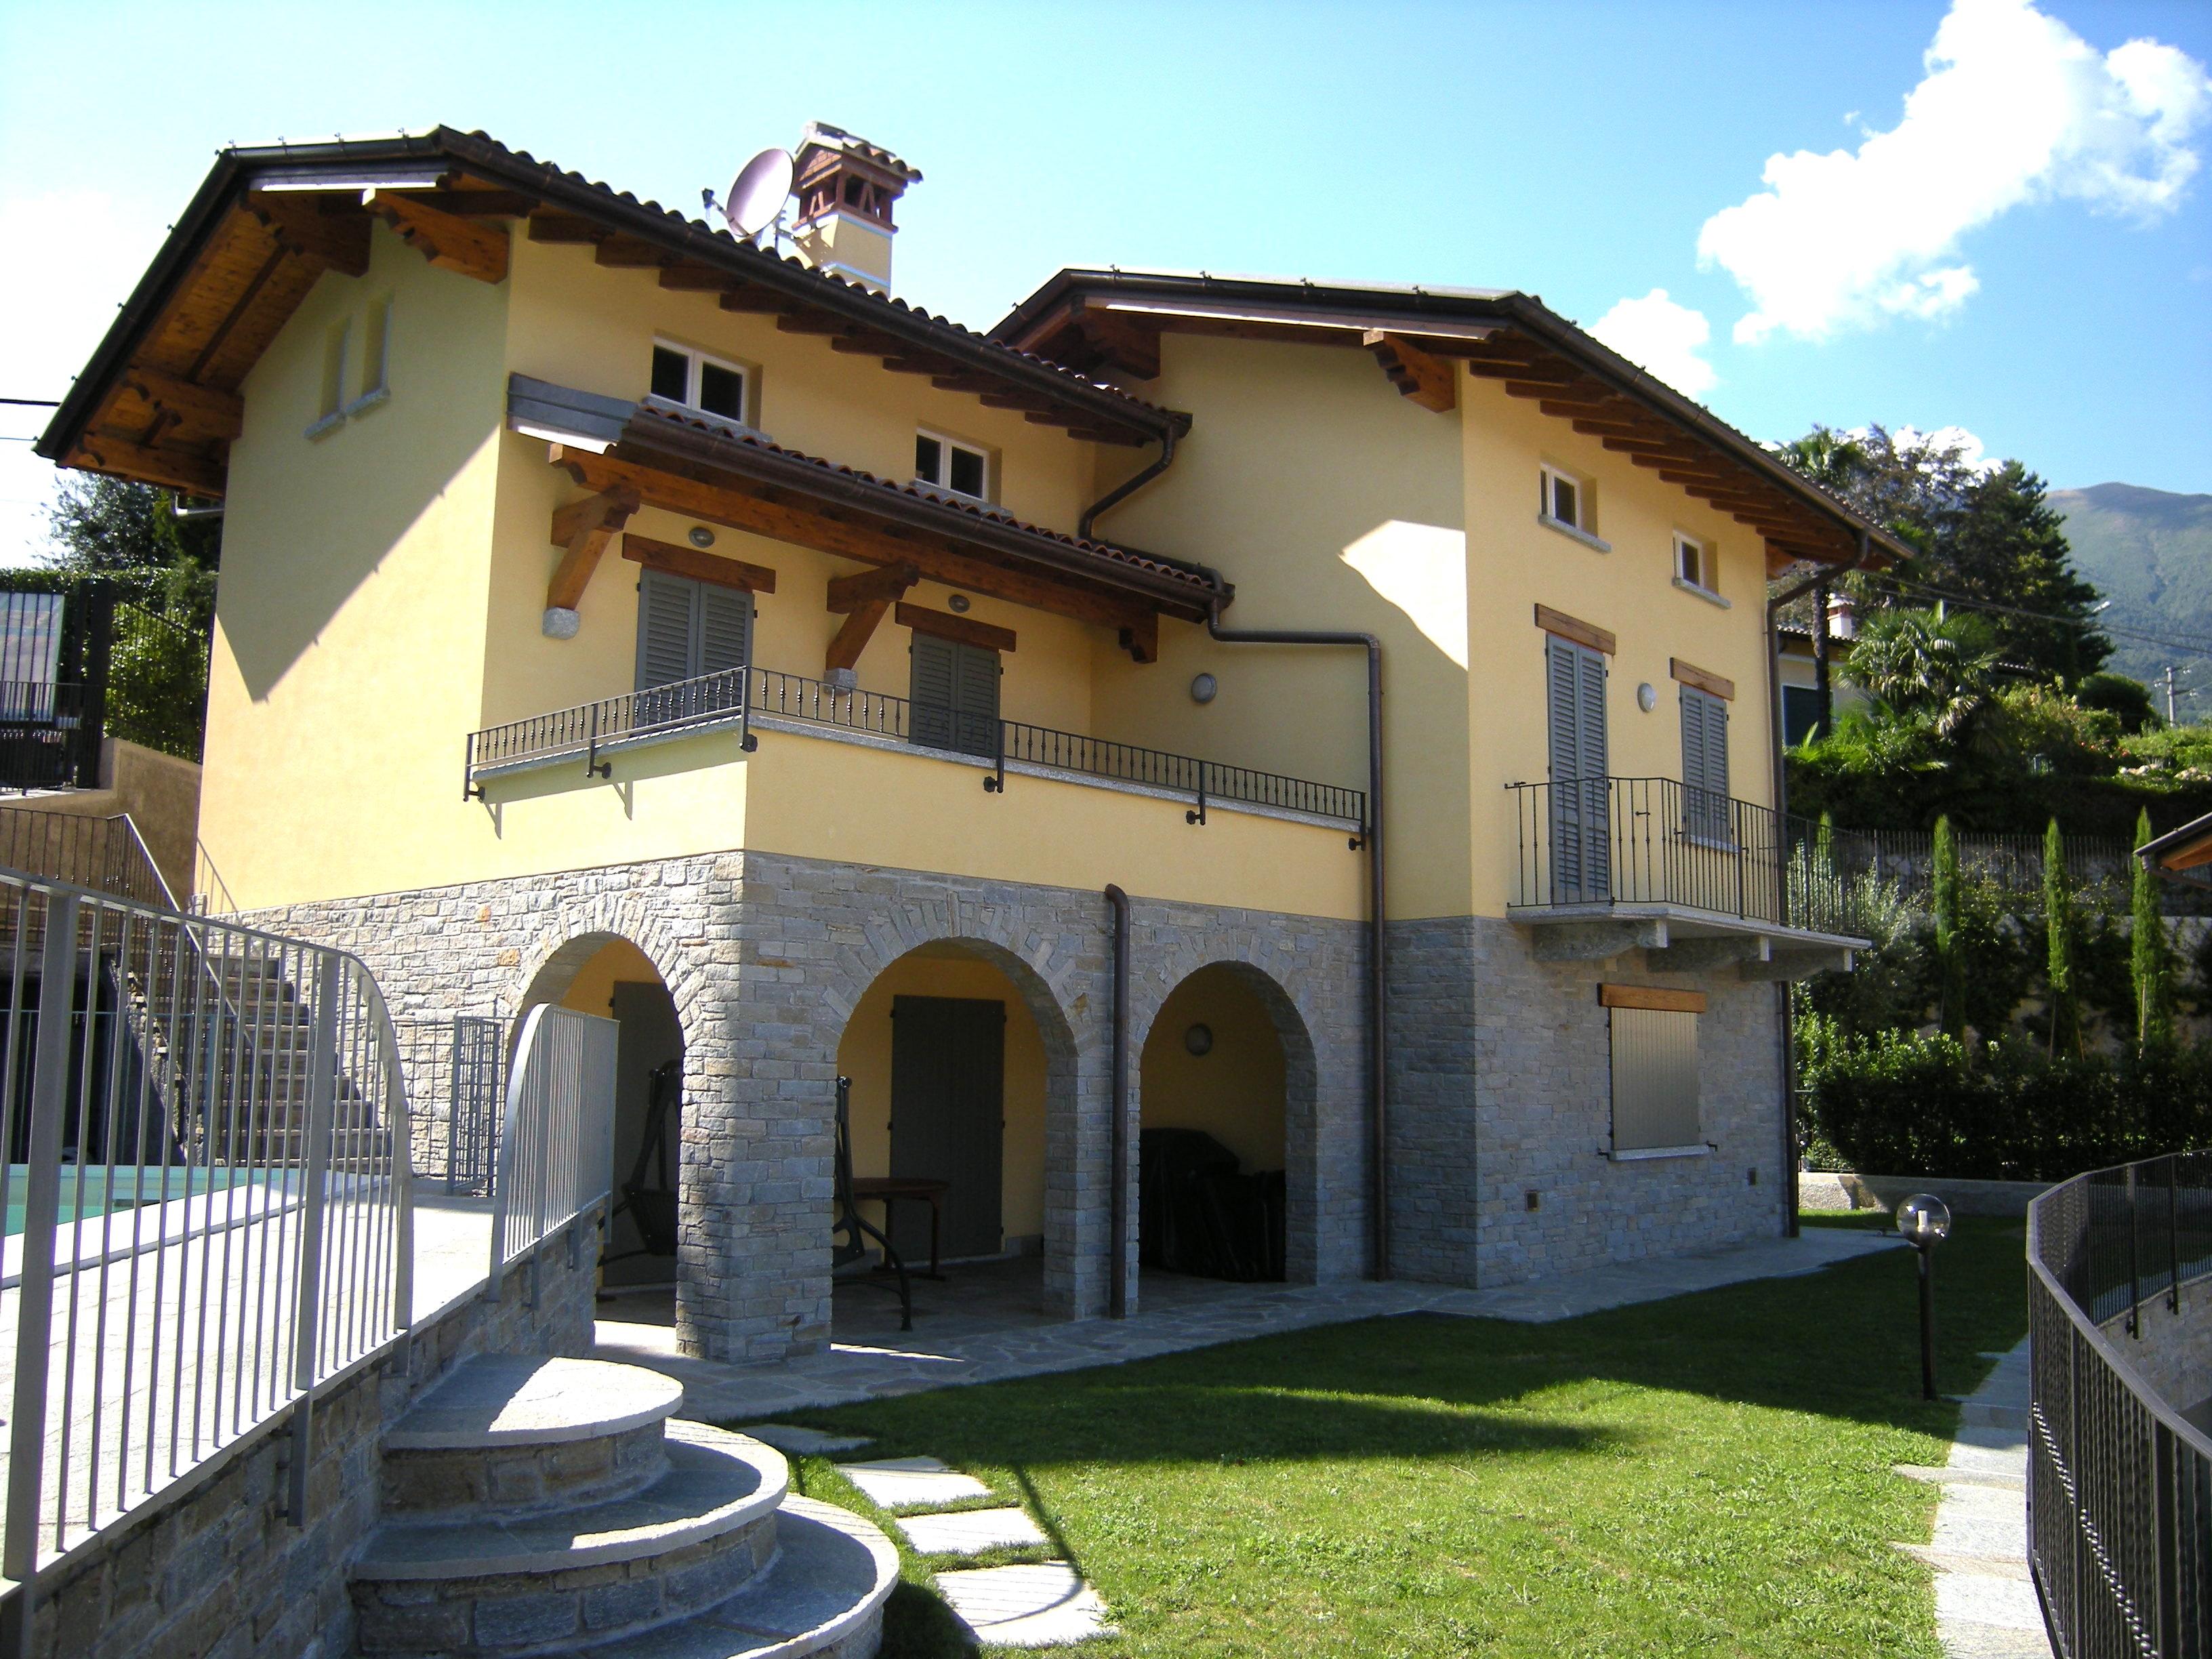 Villa Menaggio with lake view and swimming pool